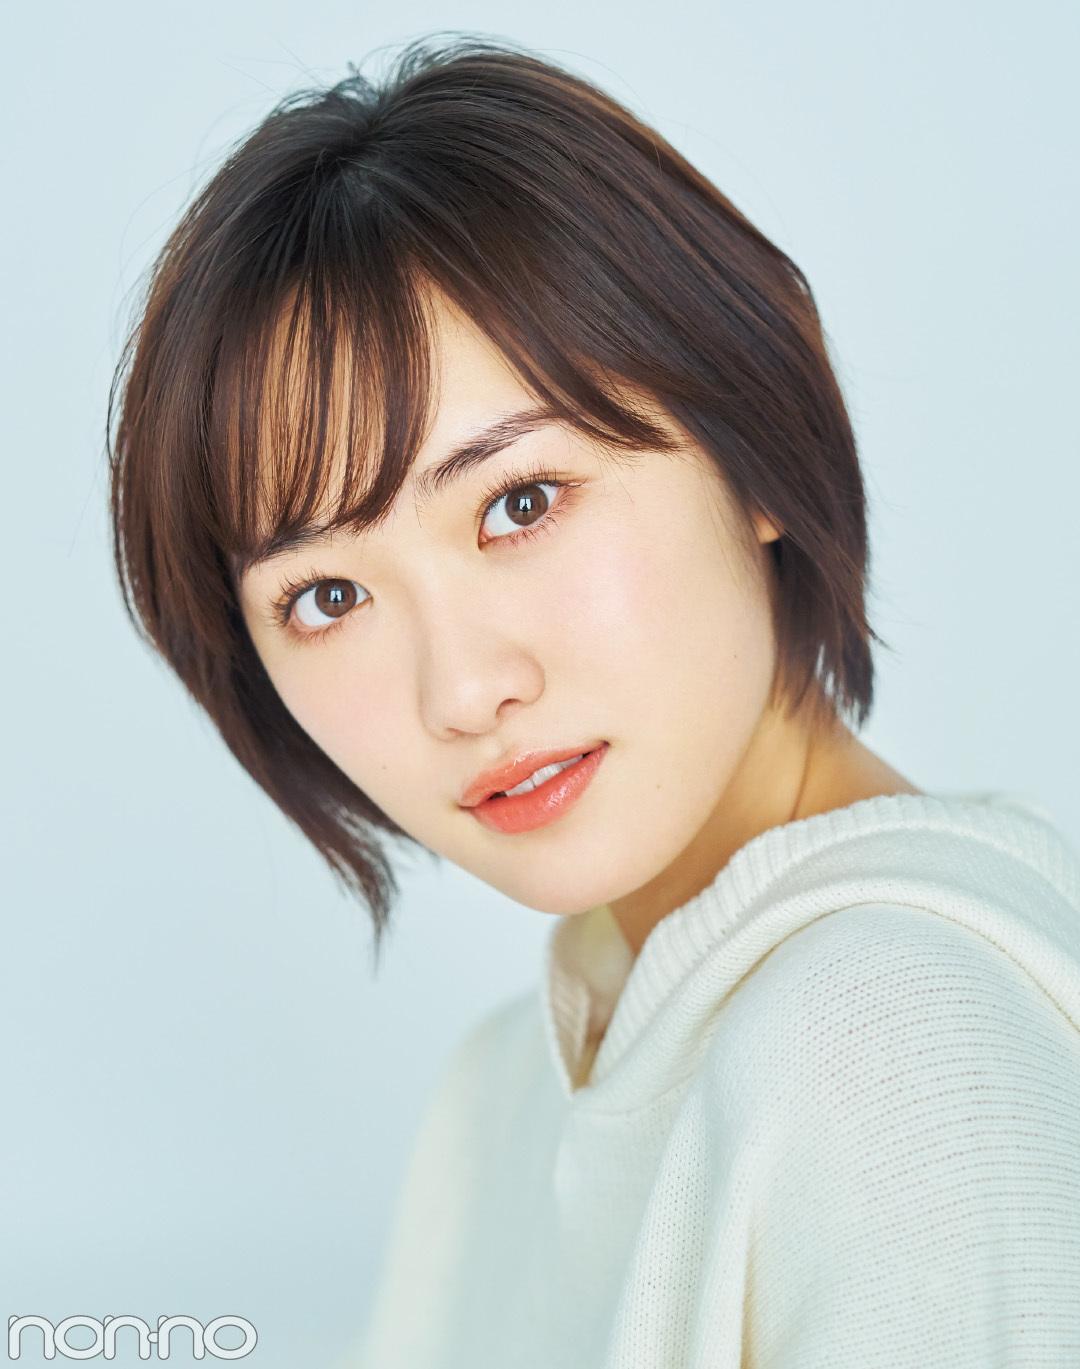 美肌女優・工藤遥さんがニキビを克服したスキンケアって?【ニキビQ&A】_1_2